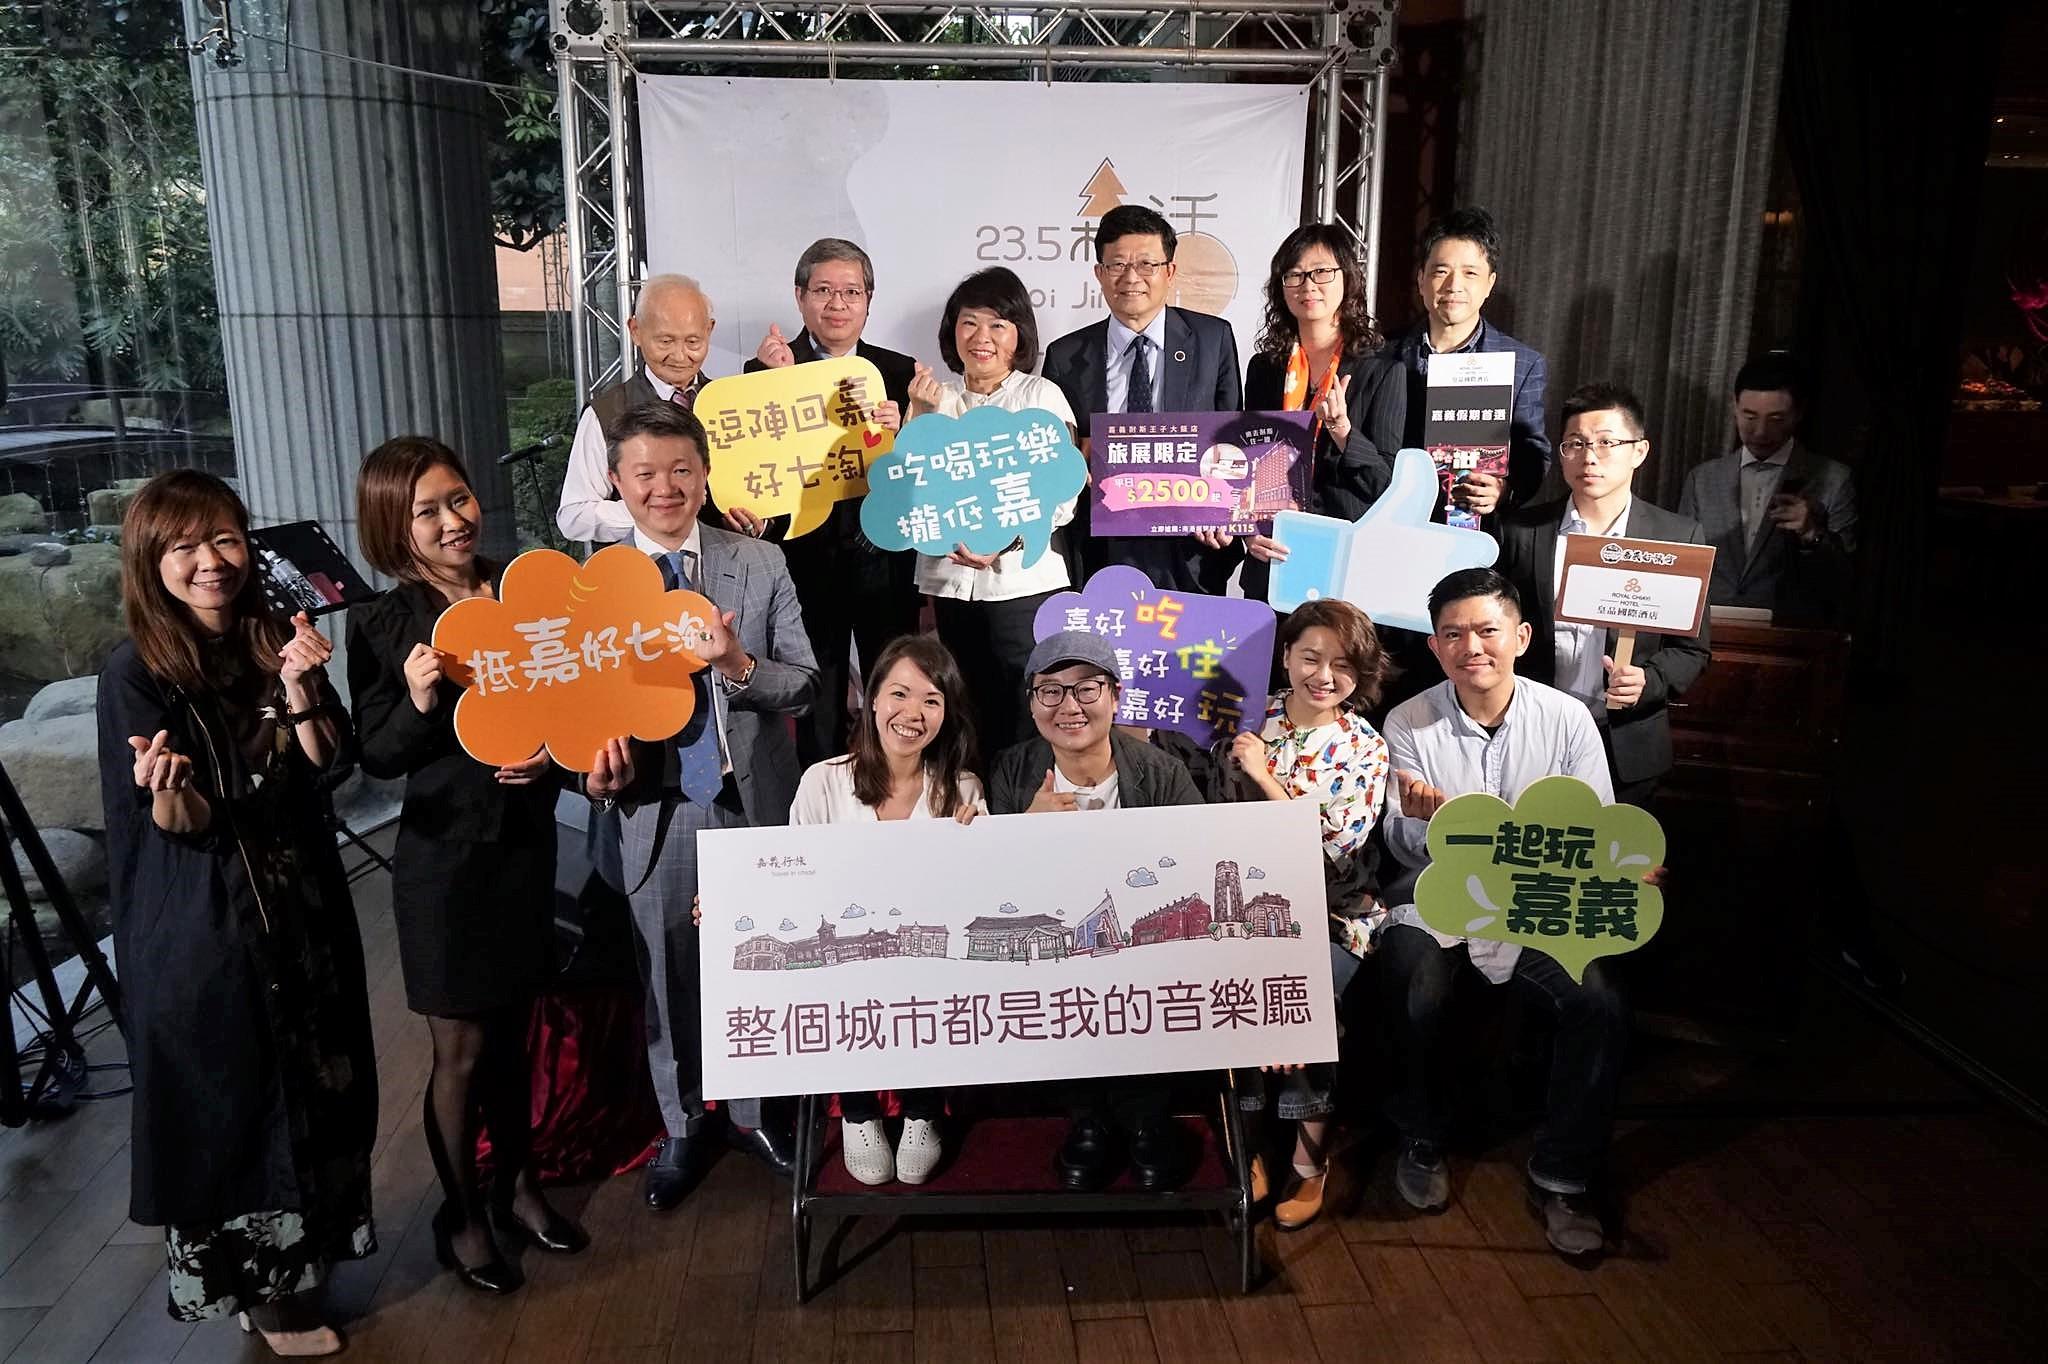 最新推播訊息:台灣管樂之都|浪漫12月。整個嘉義市都是音樂廳|活動詳情